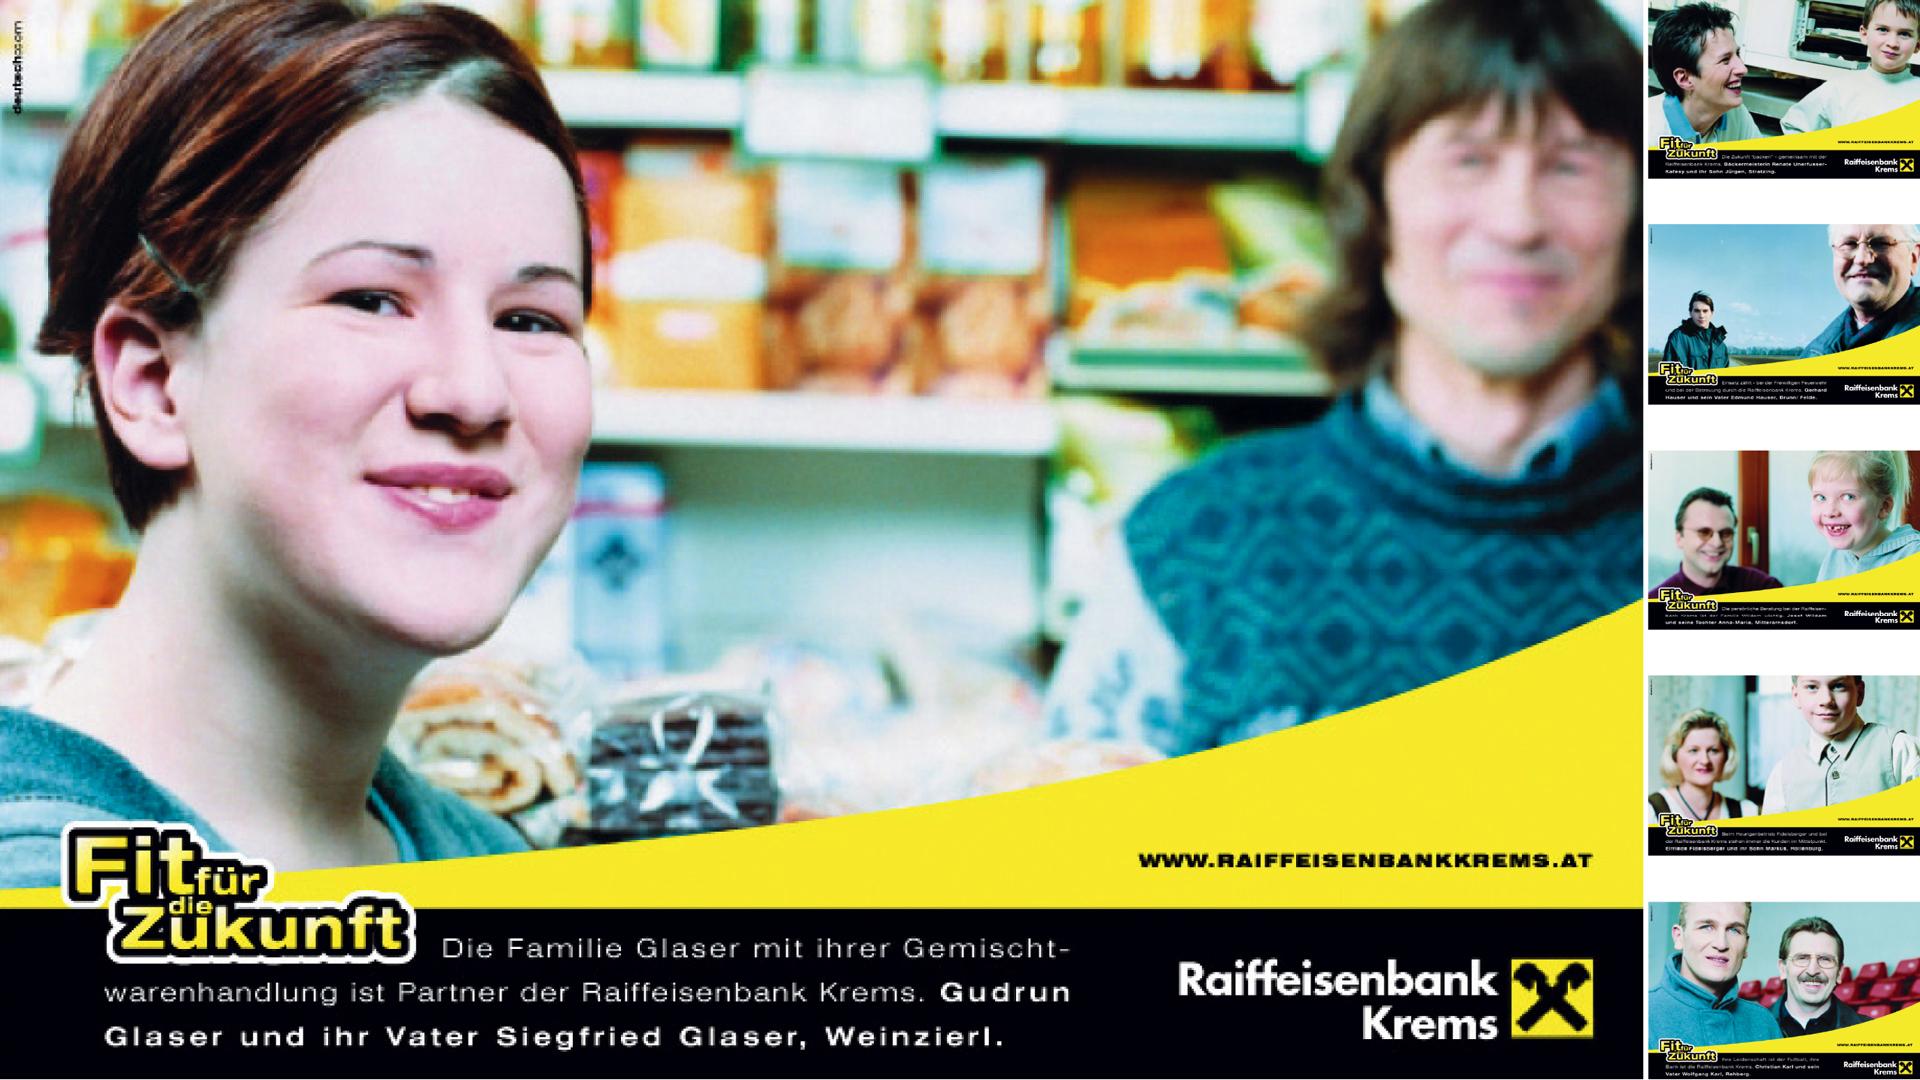 Image Kampagne im Rahem der Zusammenlegung von Filialen